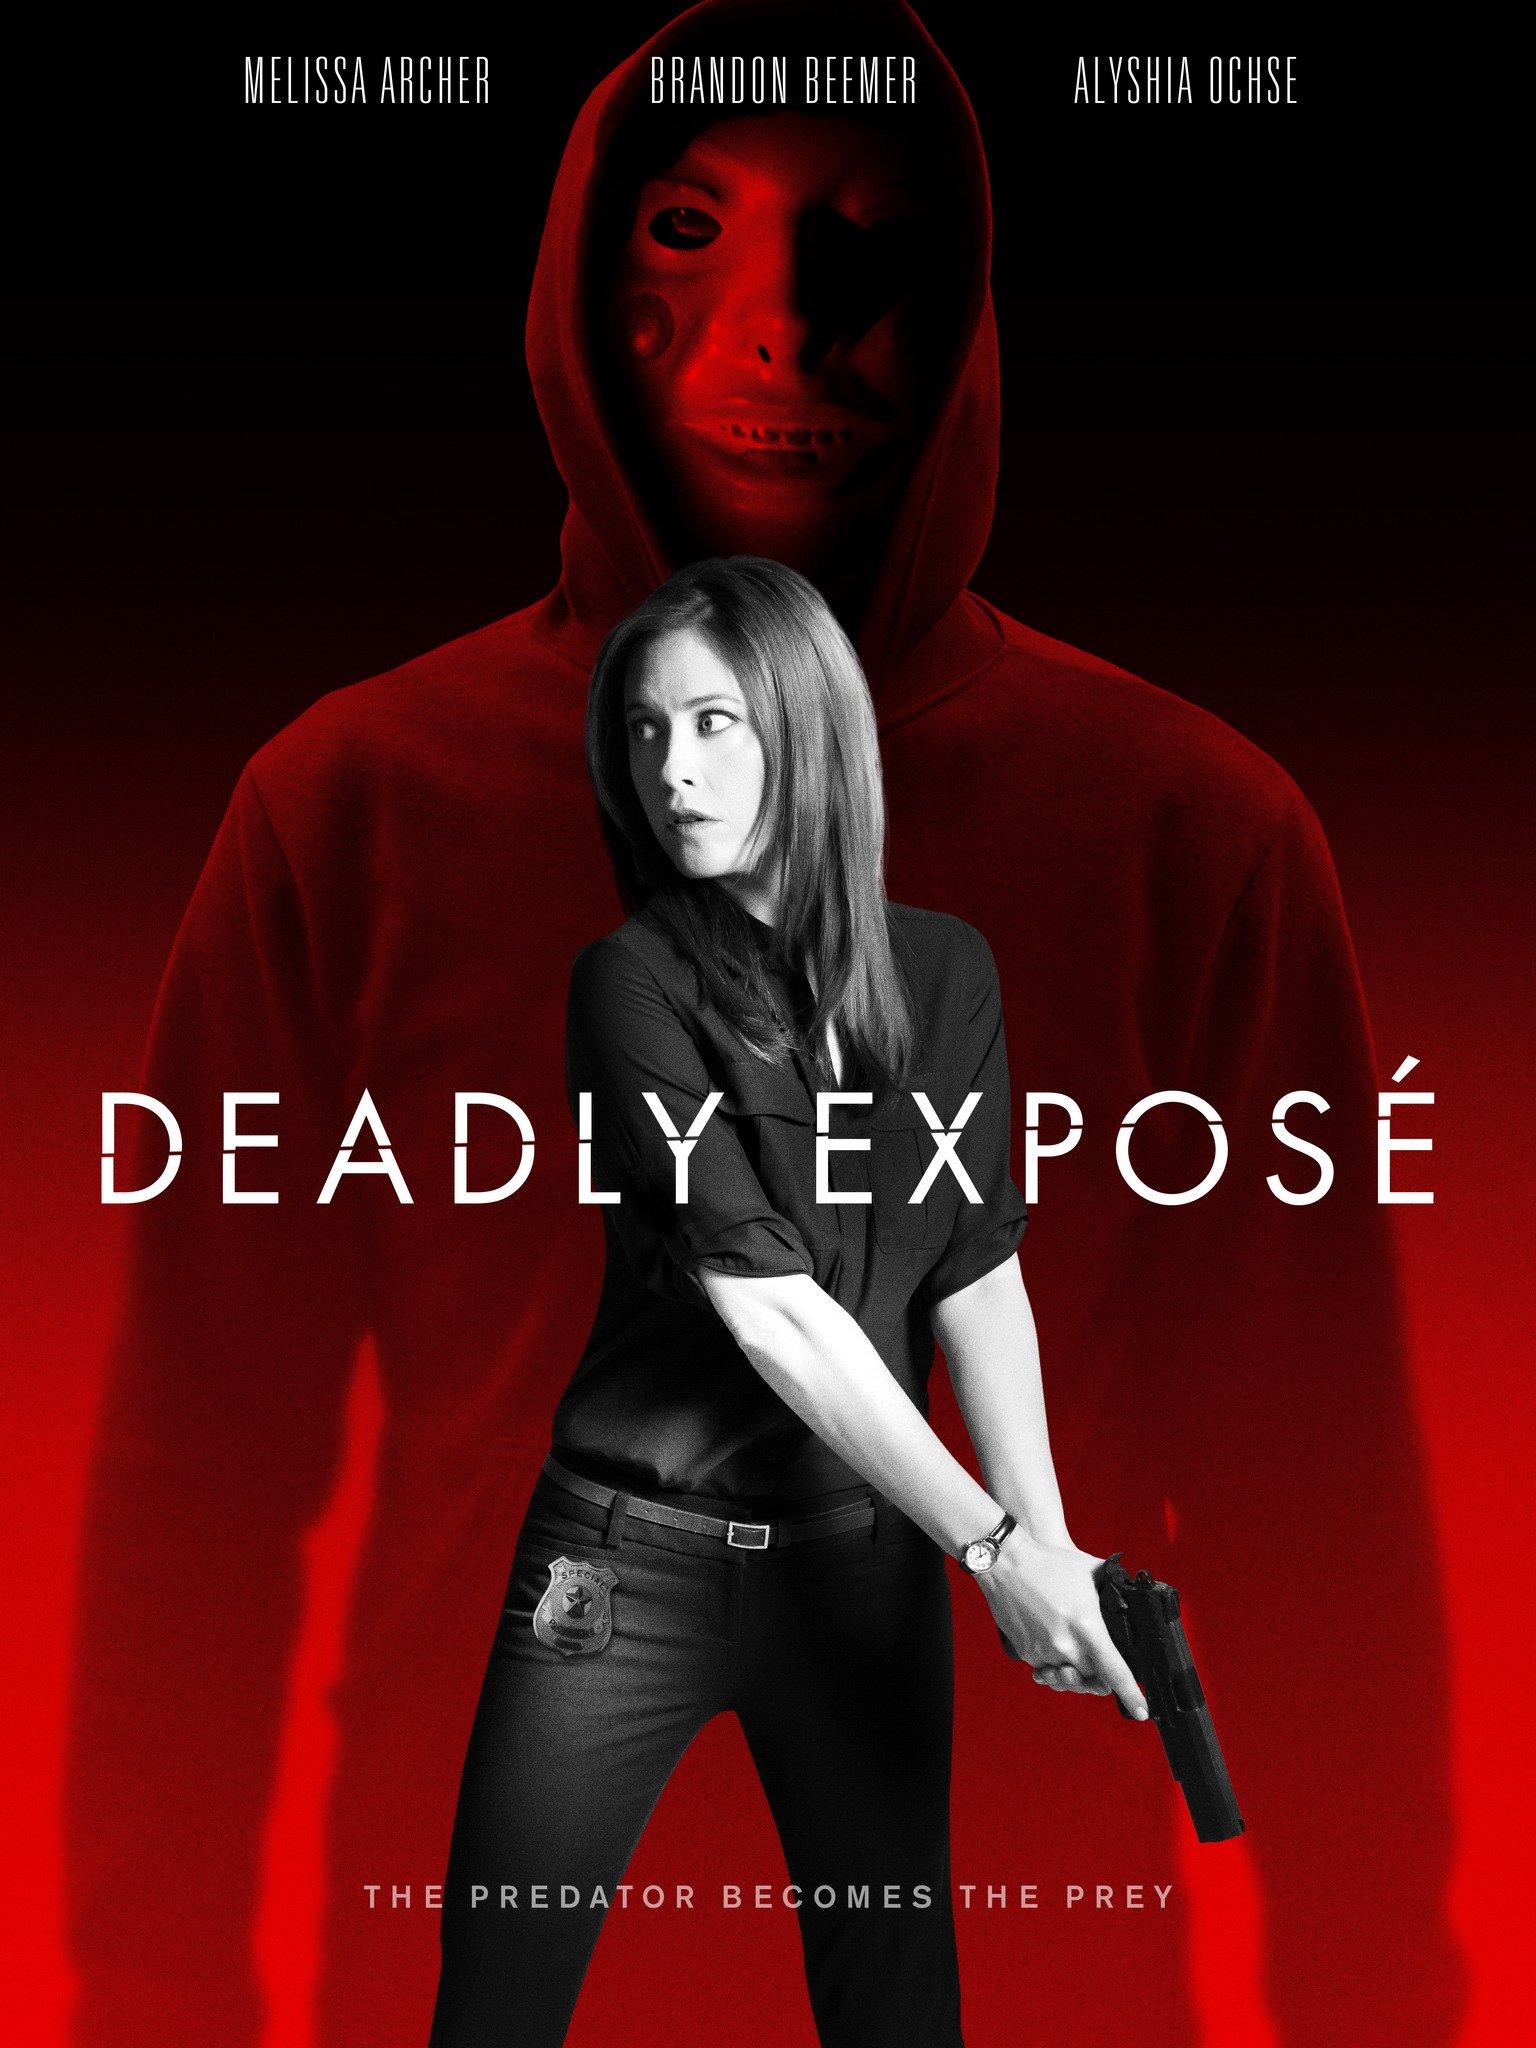 Deadly Exposé